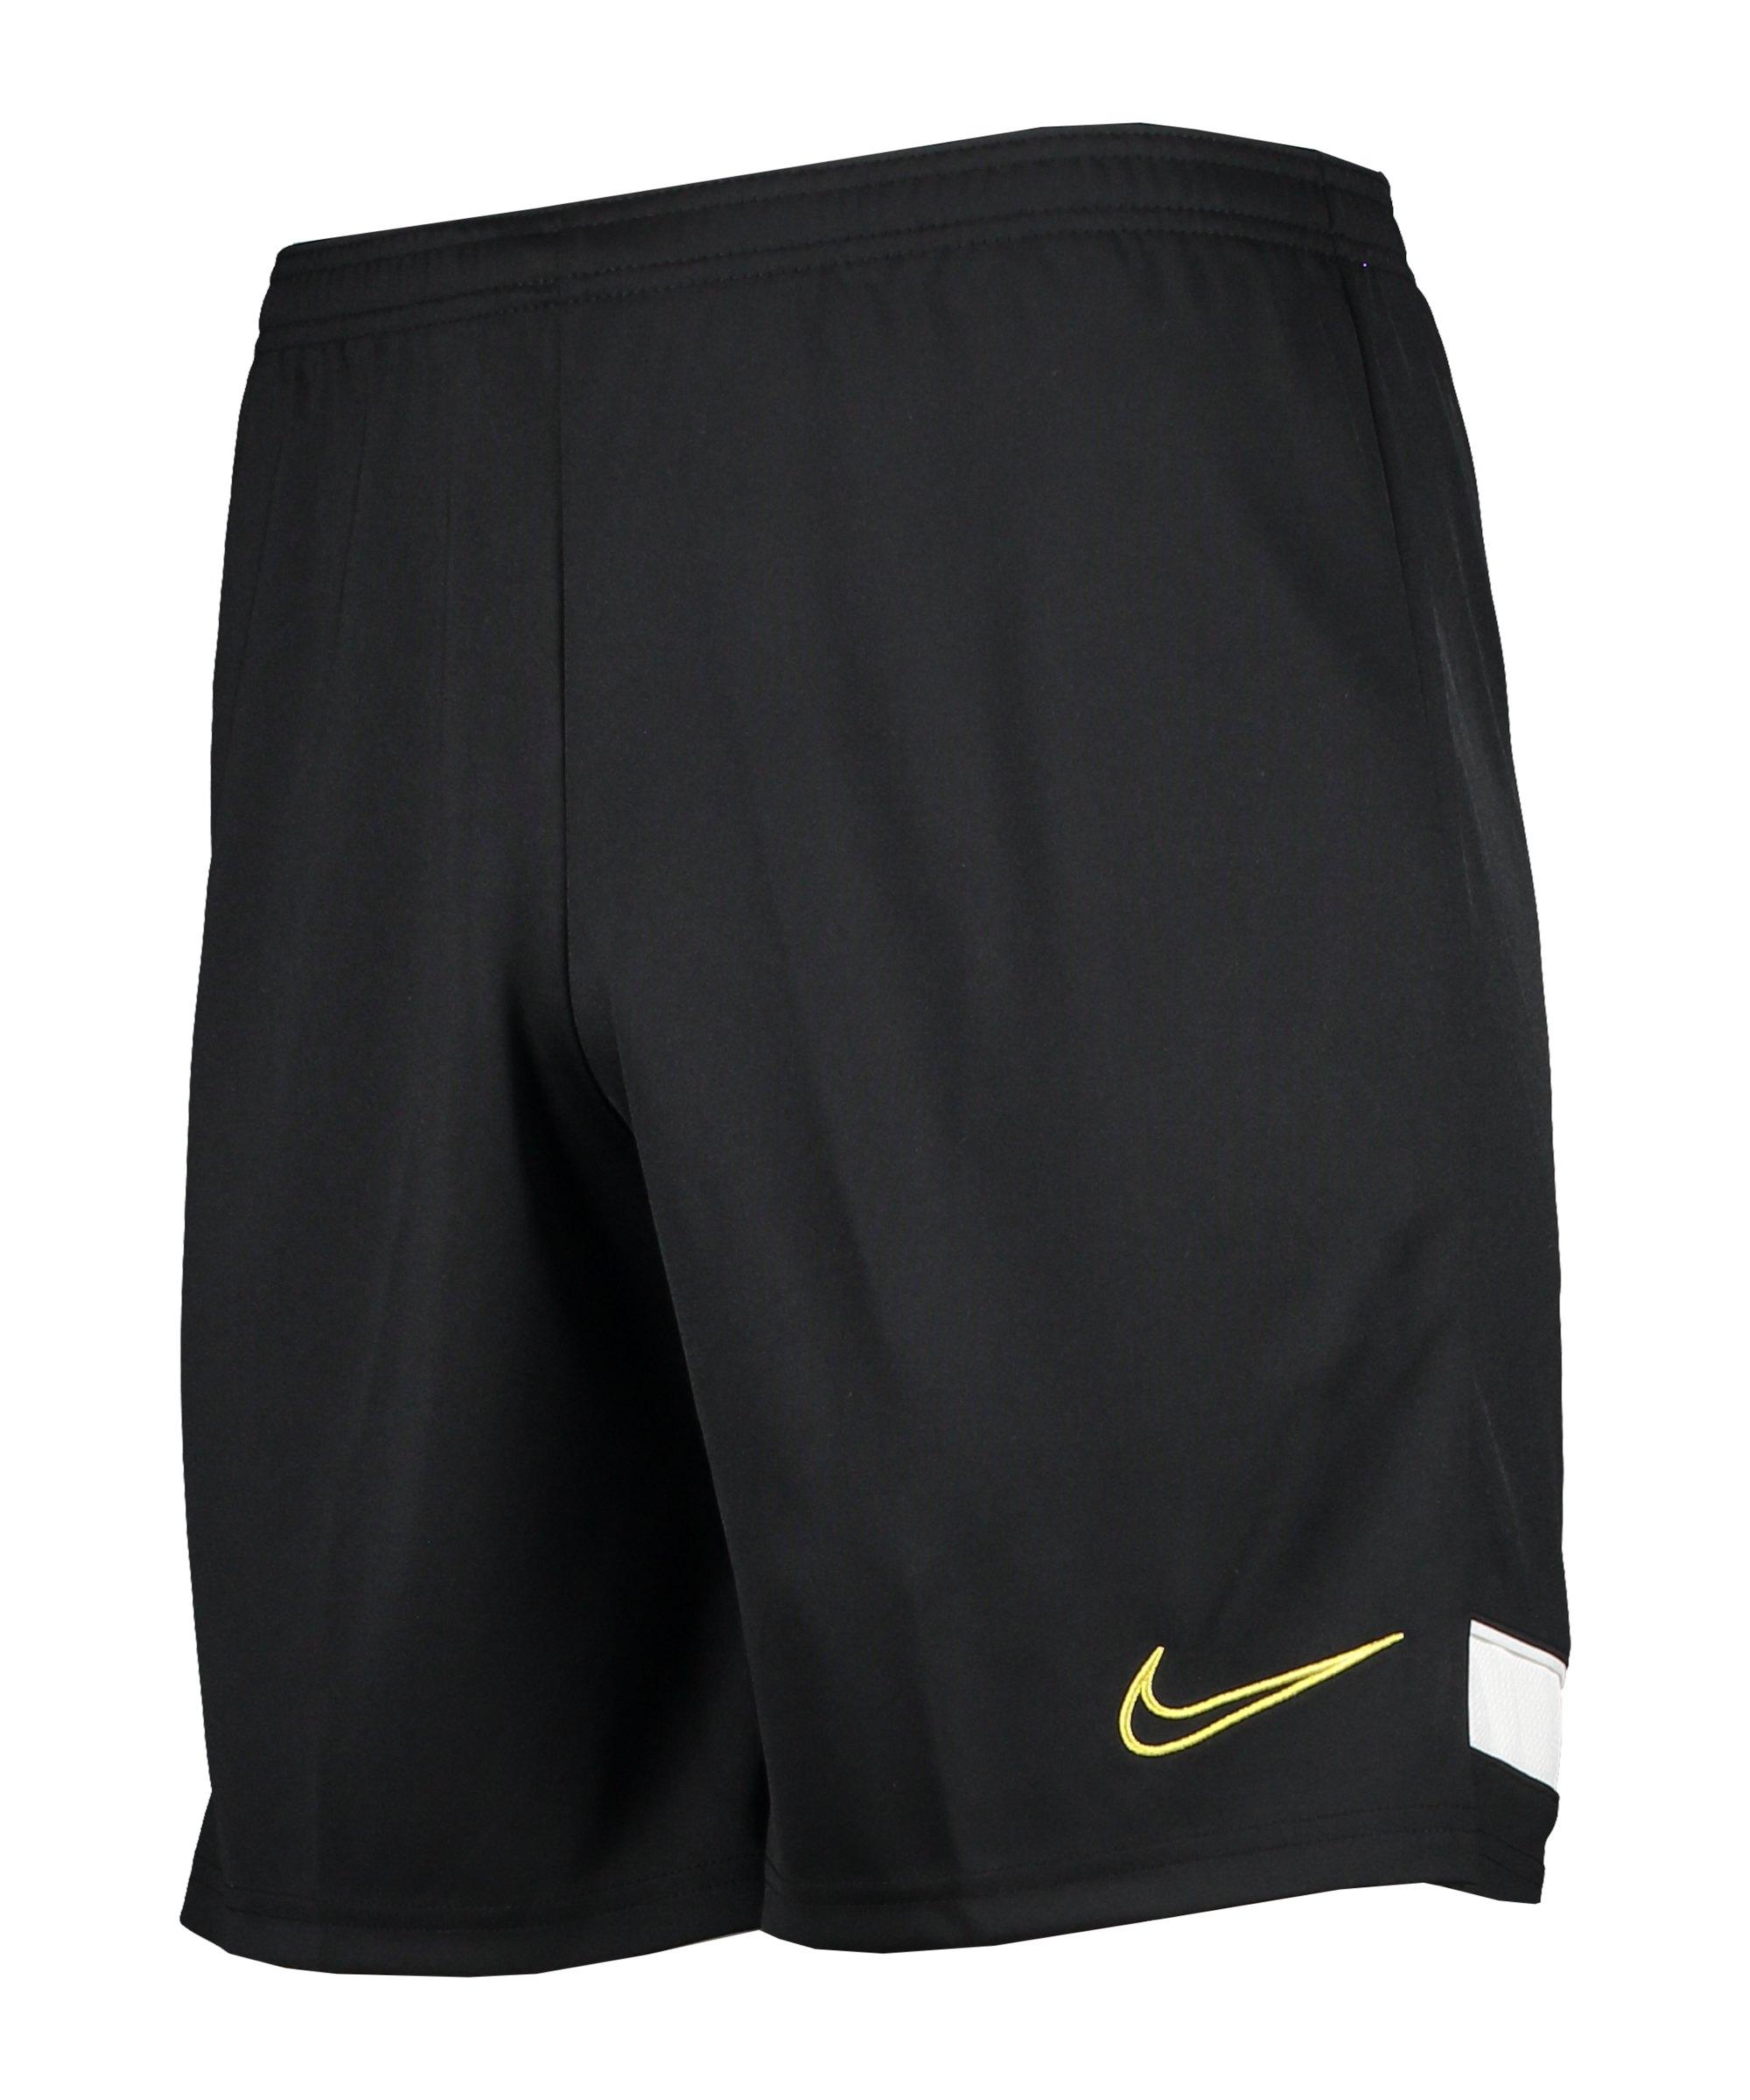 Nike Academy 21 Short Kids Schwarz F015 - schwarz